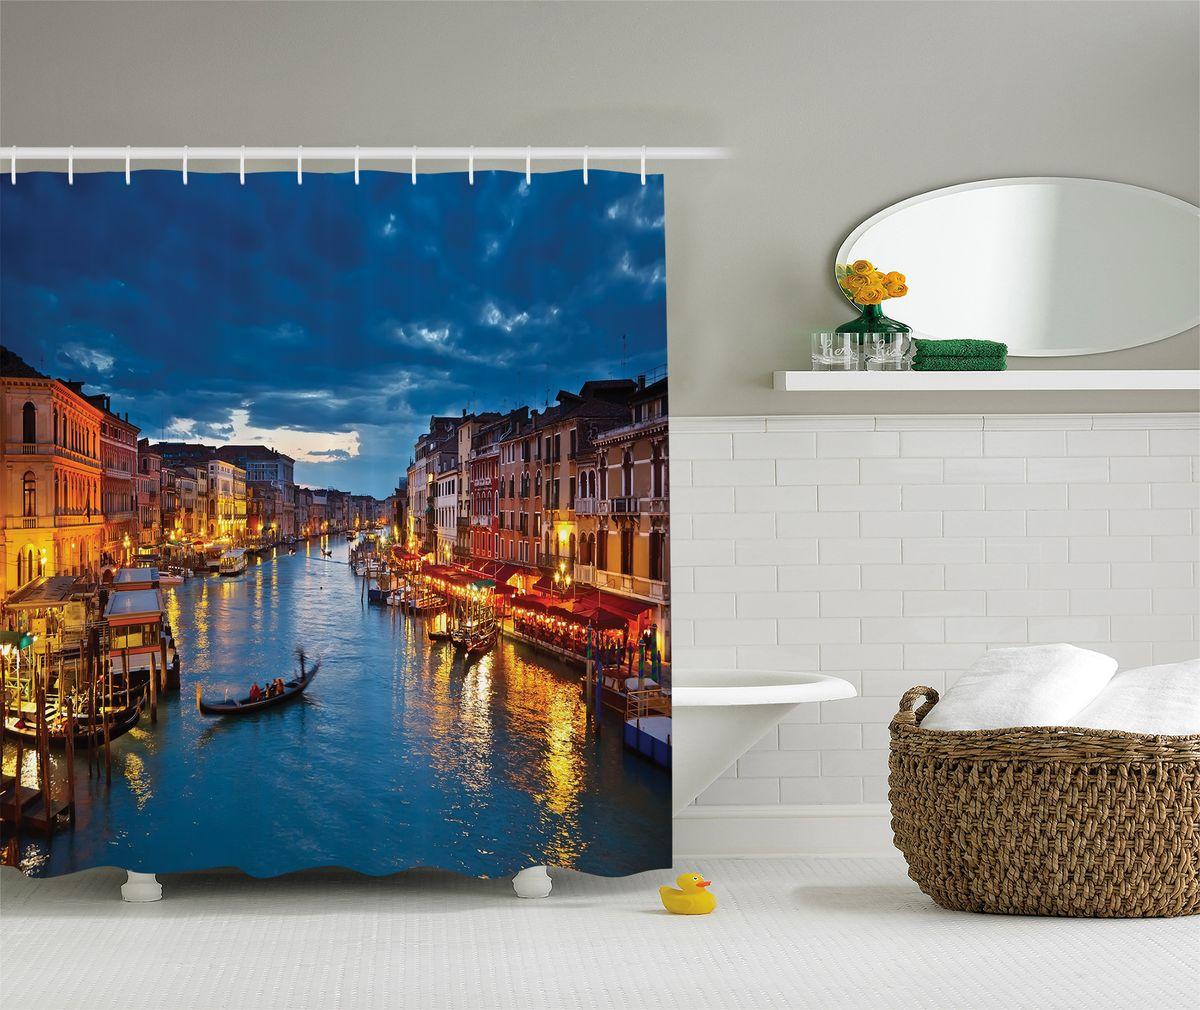 Штора для ванной комнаты Magic Lady Вечерняя Венеция, 180 х 200 см68/5/3Штора Magic Lady Вечерняя Венеция, изготовленная из высококачественного сатена (полиэстер 100%), отлично дополнит любой интерьер ванной комнаты. При изготовлении используются специальные гипоаллергенные чернила для прямой печати по ткани, безопасные для человека.В комплекте: 1 штора, 12 крючков. Обращаем ваше внимание, фактический цвет изделия может незначительно отличаться от представленного на фото.